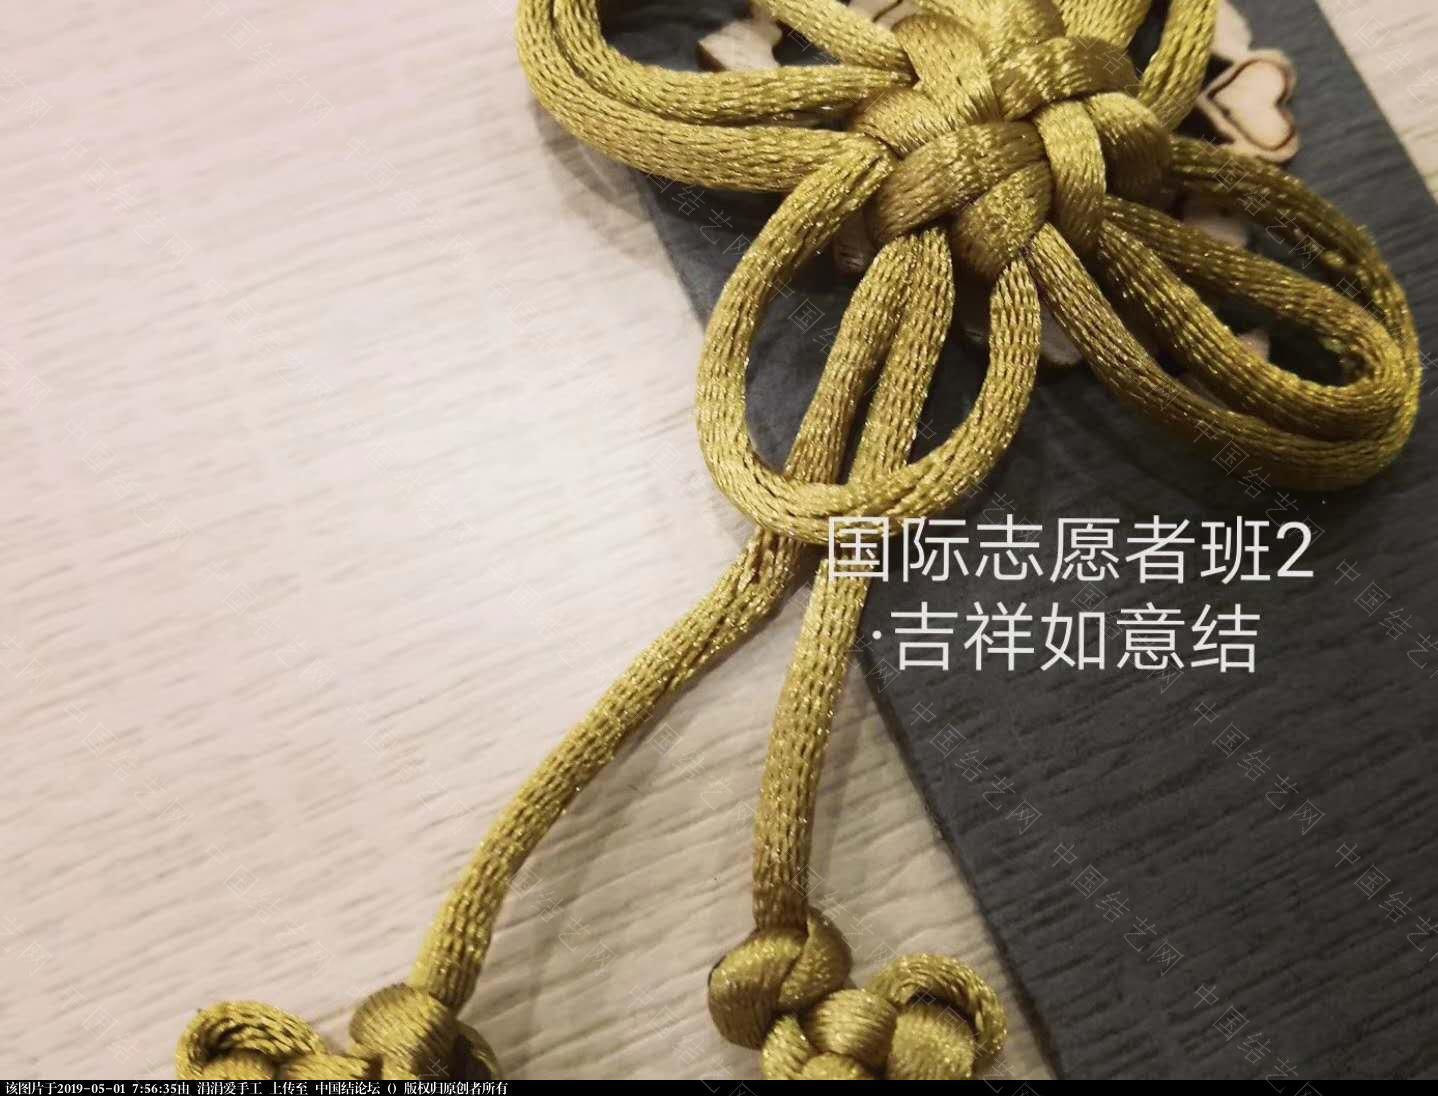 中国结论坛 年轻朝气的大学生们,来自各国,齐聚上海青编舍学习中国传统文化·中国结 年轻,朝气,大学,大学生,学生 结艺网各地联谊会 075038cgf9h6ymiww9y6ow